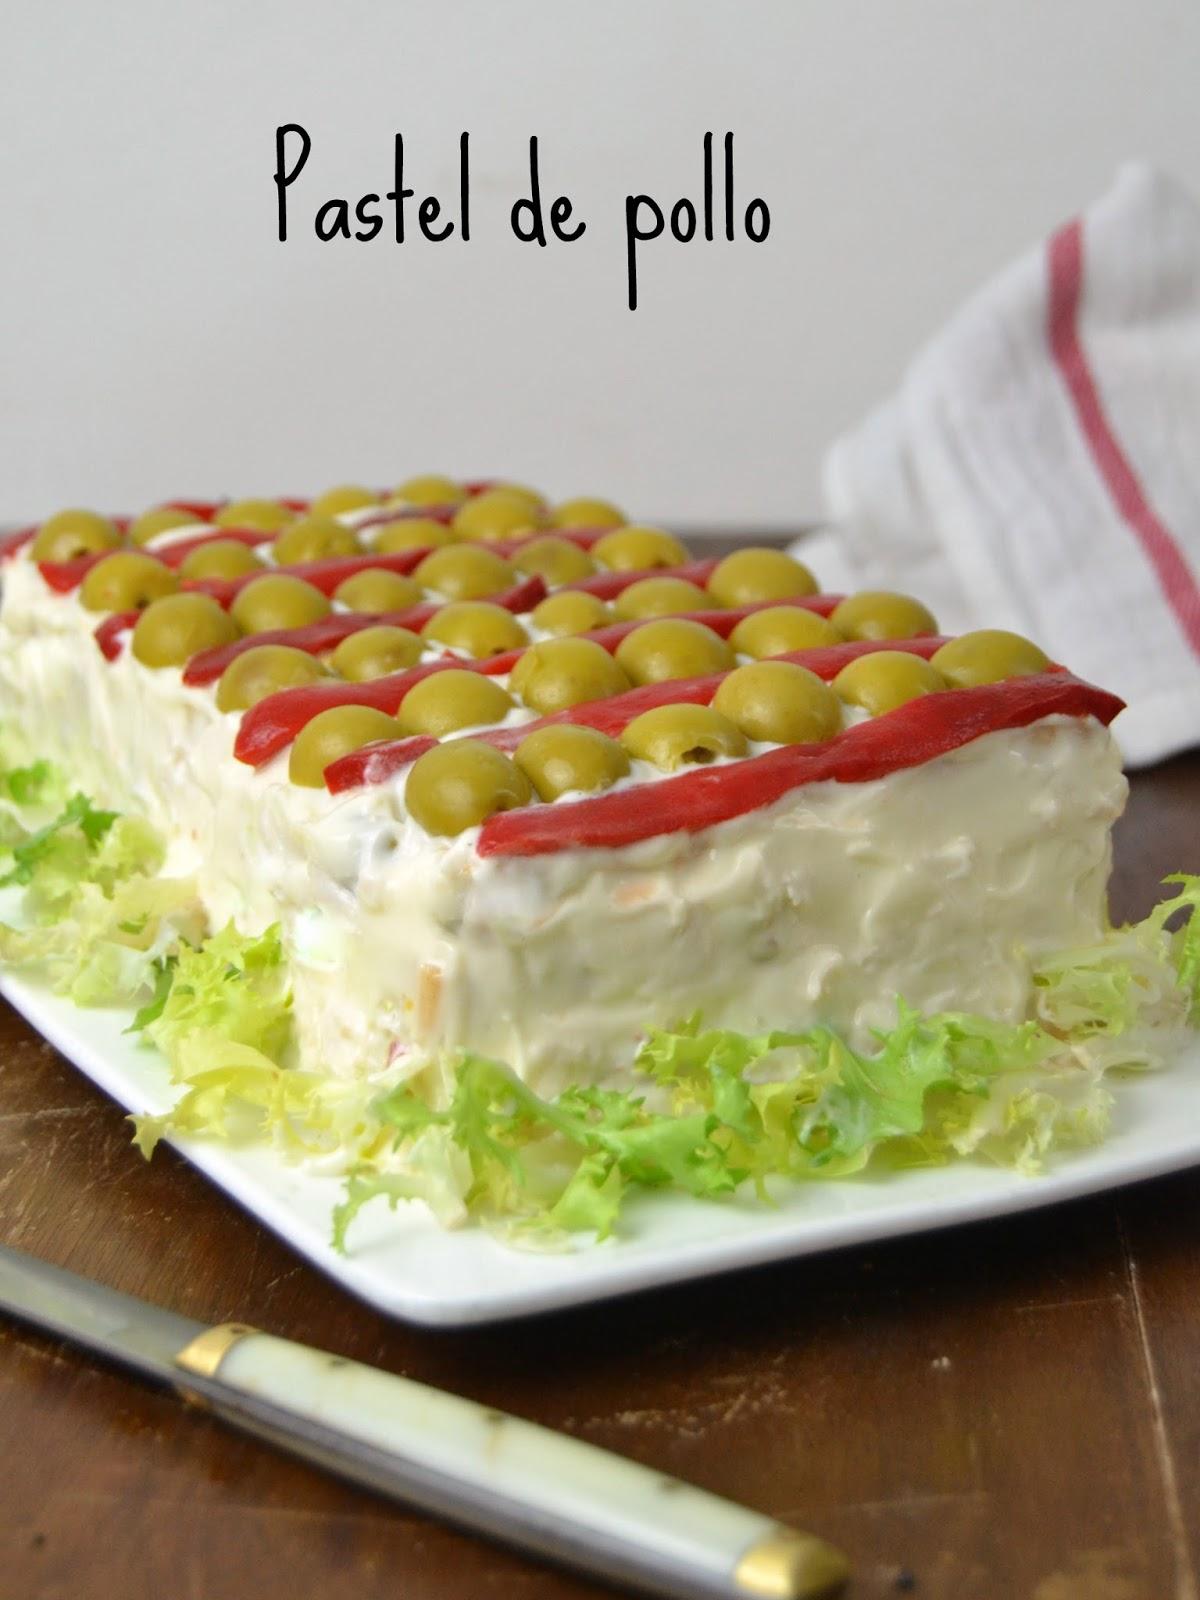 Image Result For Recetas De Cocina De Carne Pollo